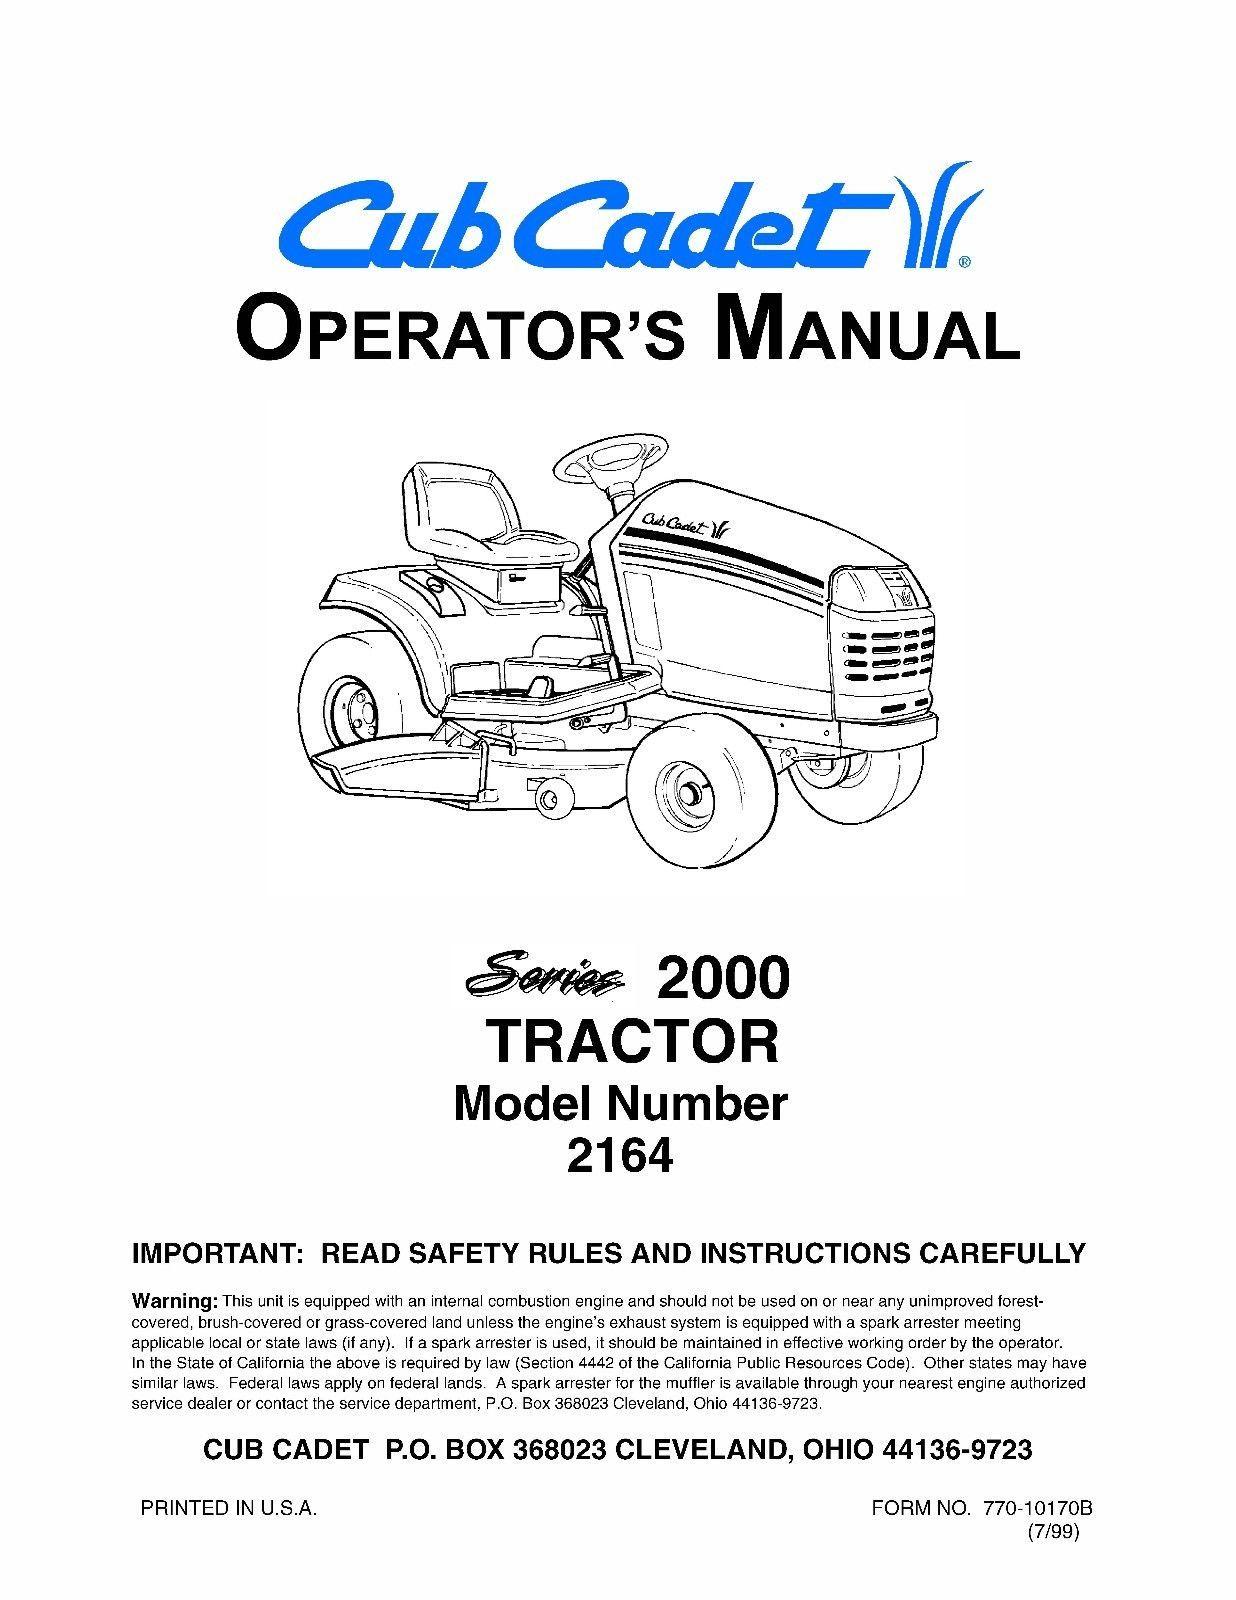 Cub Cadet Lawn Tractor Operator's Manual Model No. 2164